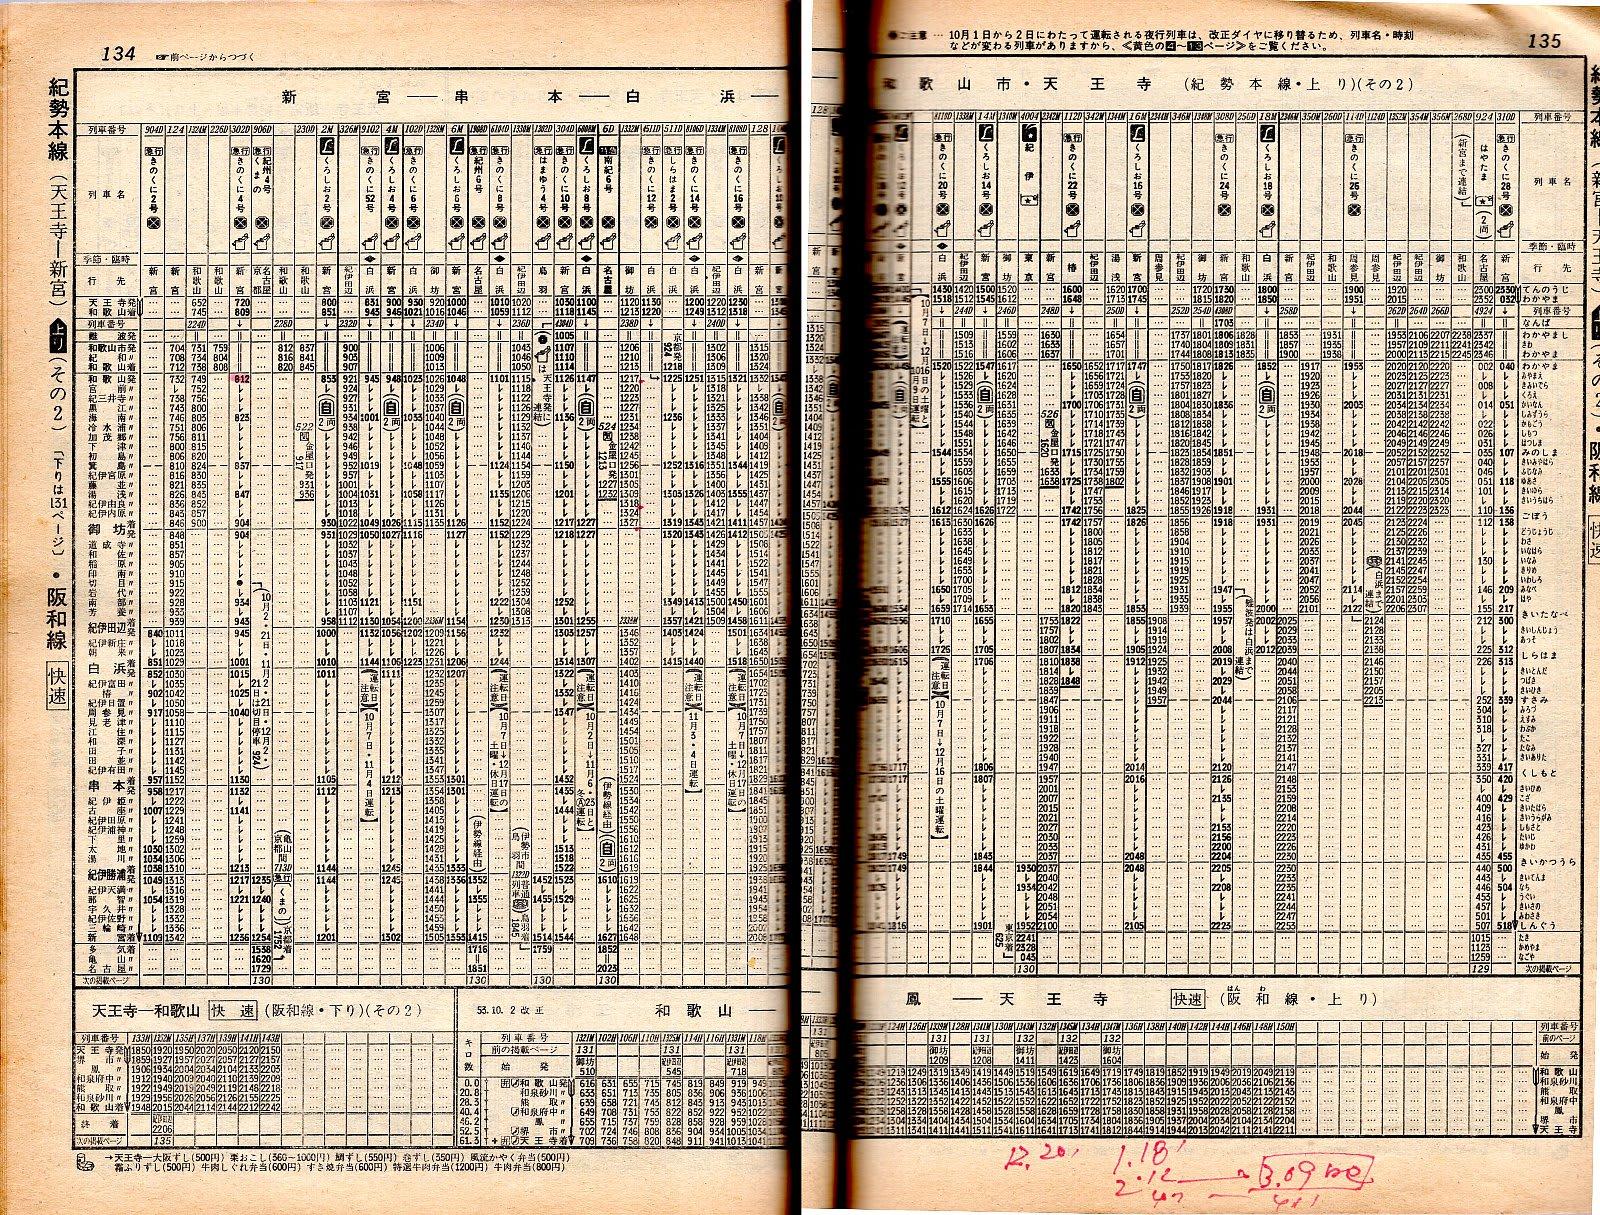 阪和線と新快速、紀勢本線電化の頃に - 国鉄があった時代blog版 ...